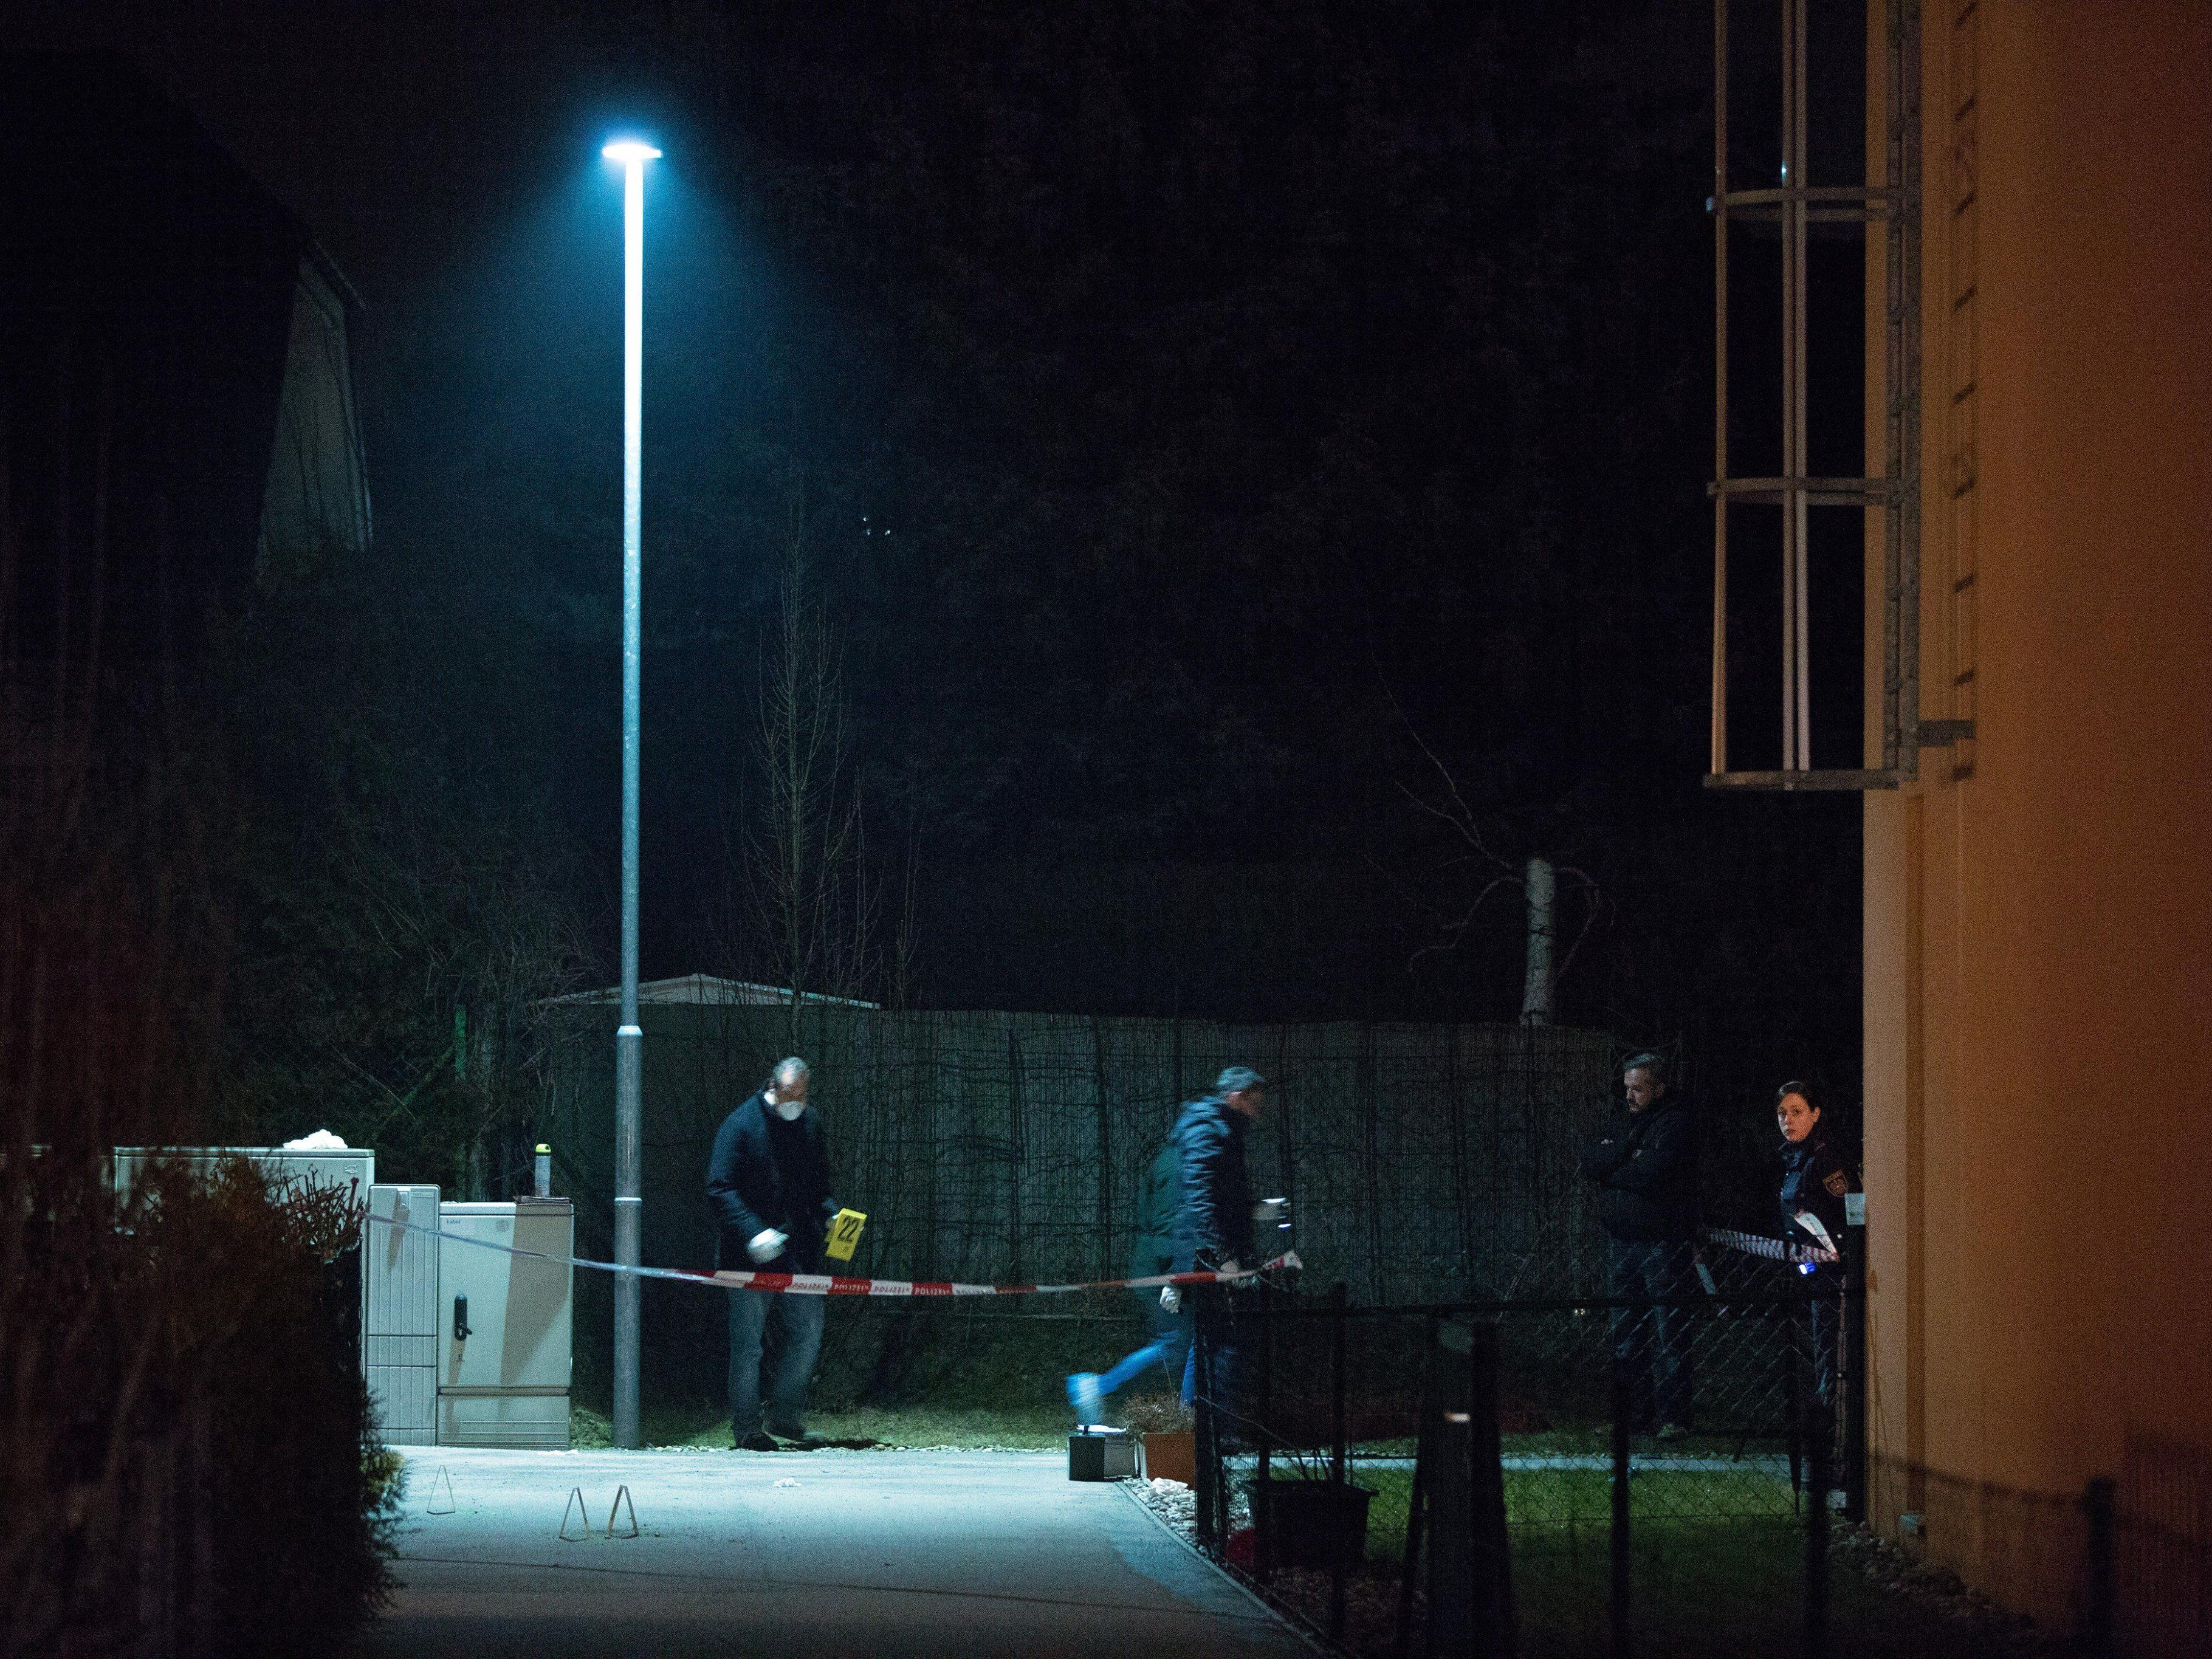 Bilder vom Tatort nach dem Schusswechsel in Wien-Floridsdorf.